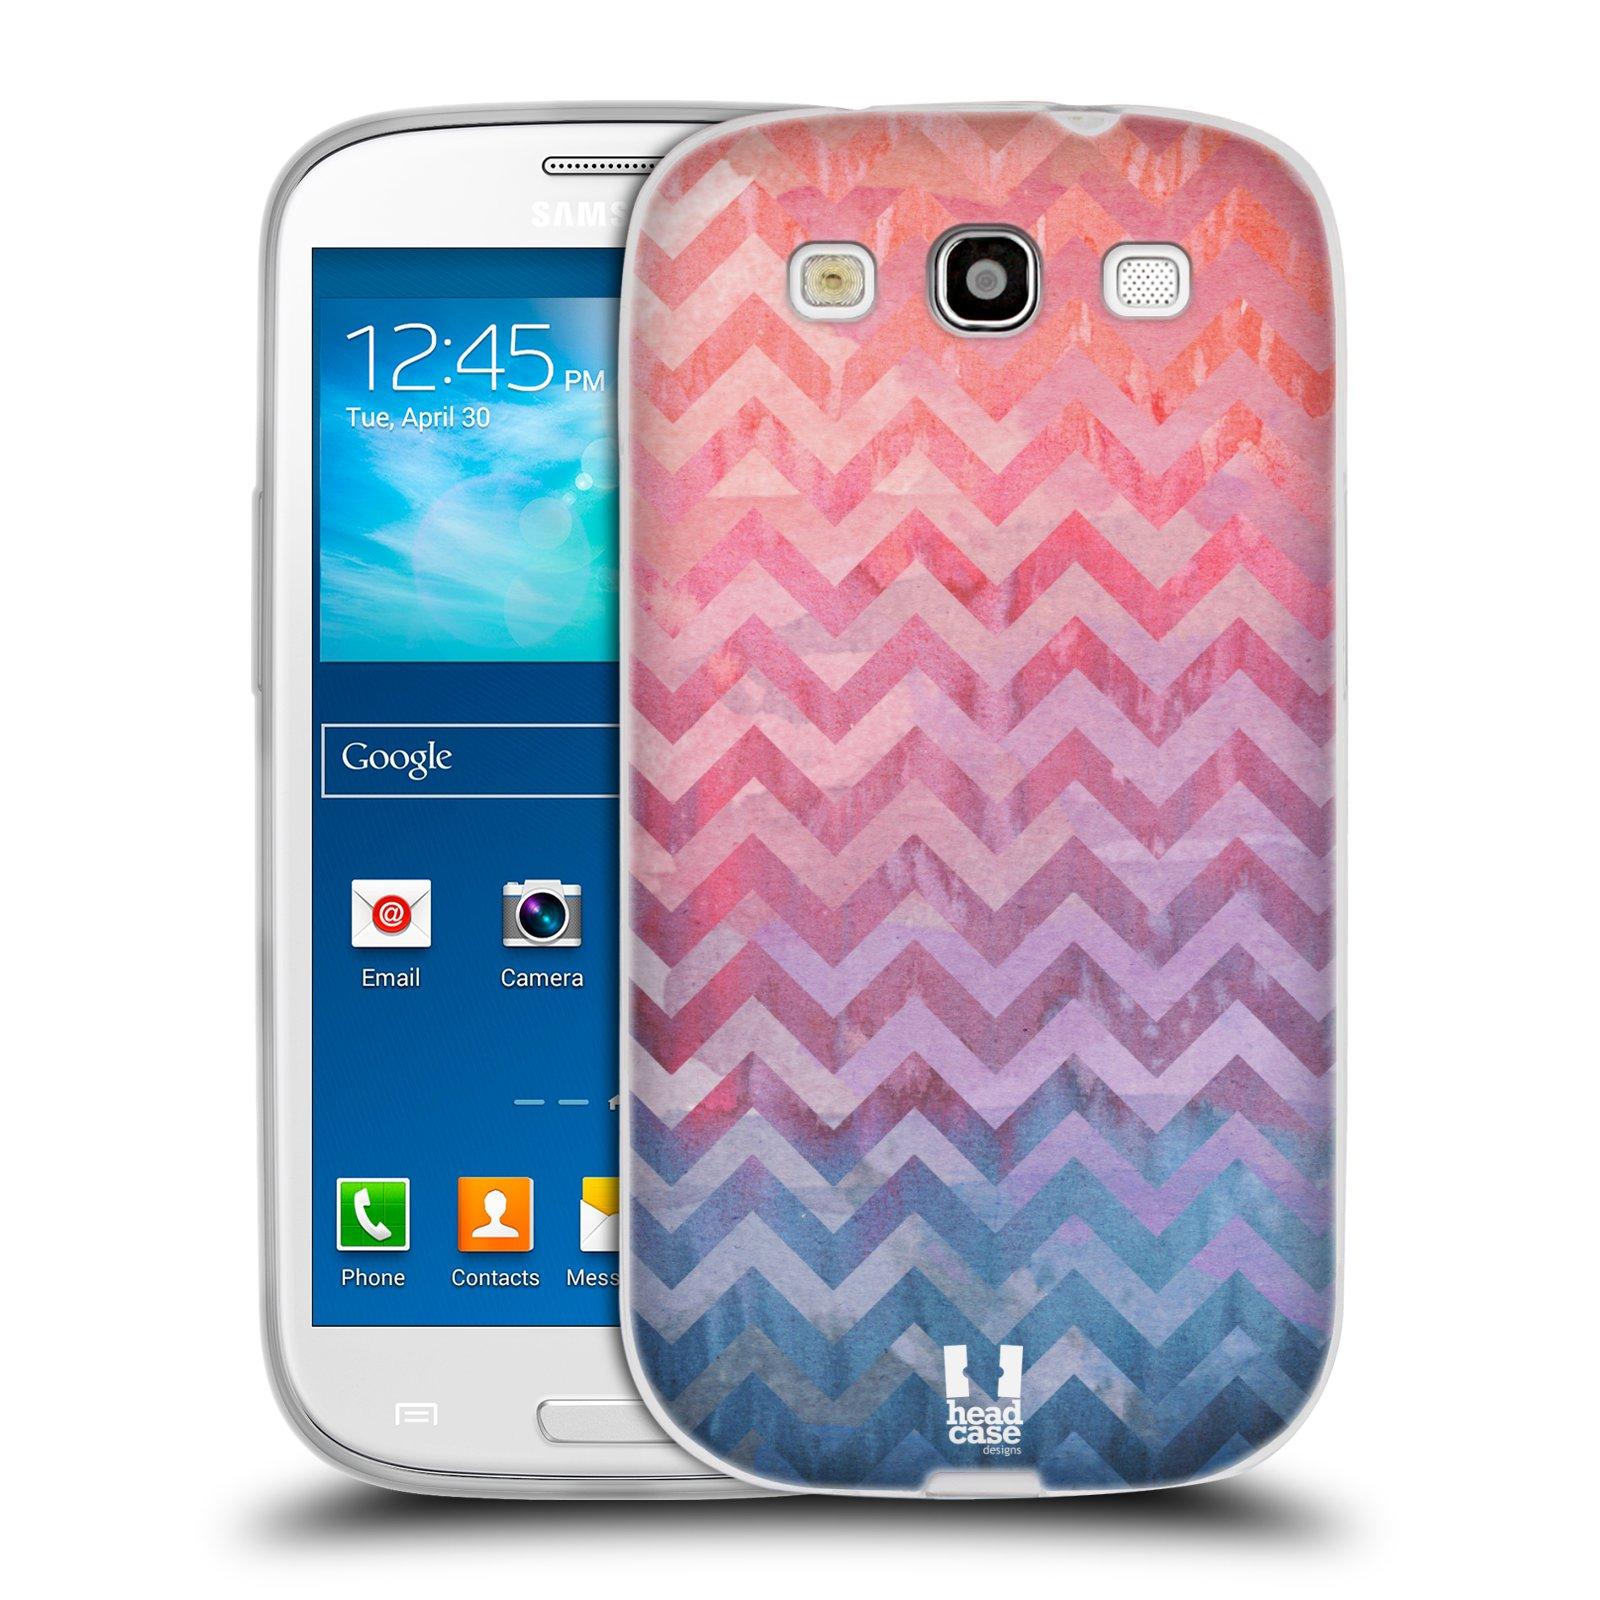 Silikonové pouzdro na mobil Samsung Galaxy S3 Neo HEAD CASE Pink Chevron (Silikonový kryt či obal na mobilní telefon Samsung Galaxy S3 Neo GT-i9301i)